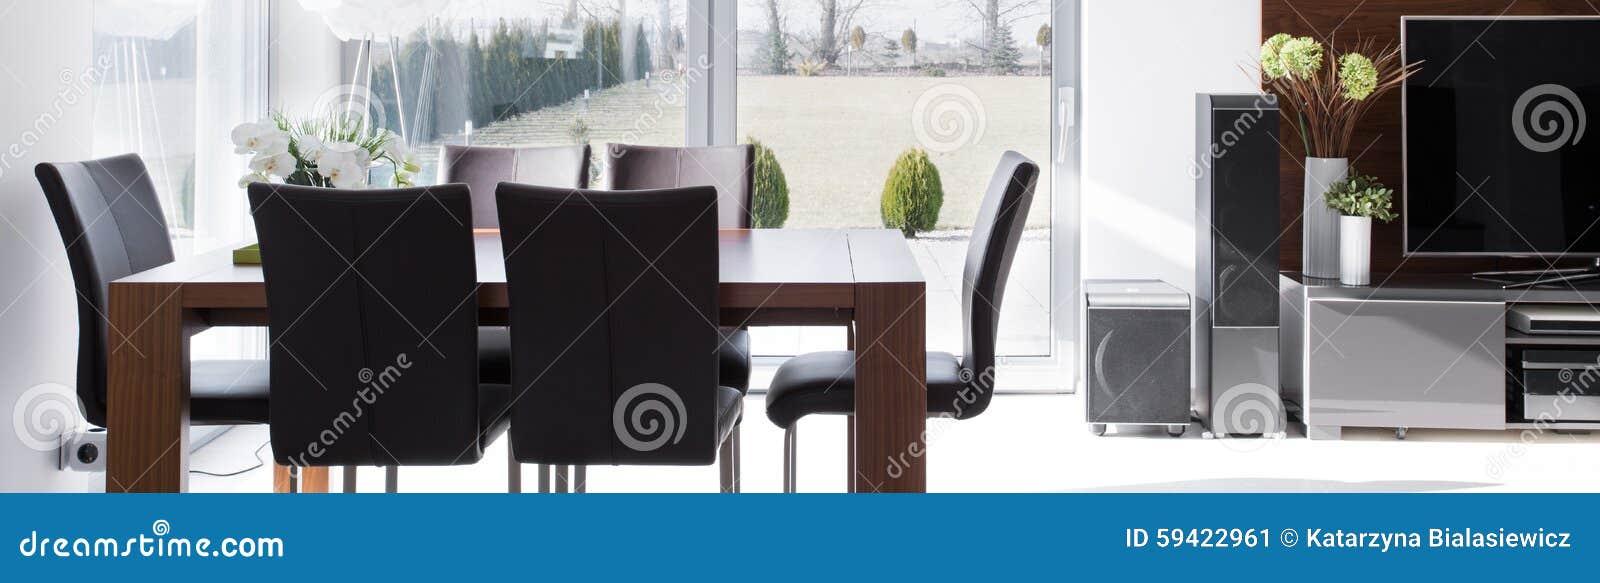 Tavola e sedie di legno moderne fotografia stock for Tavola e sedie